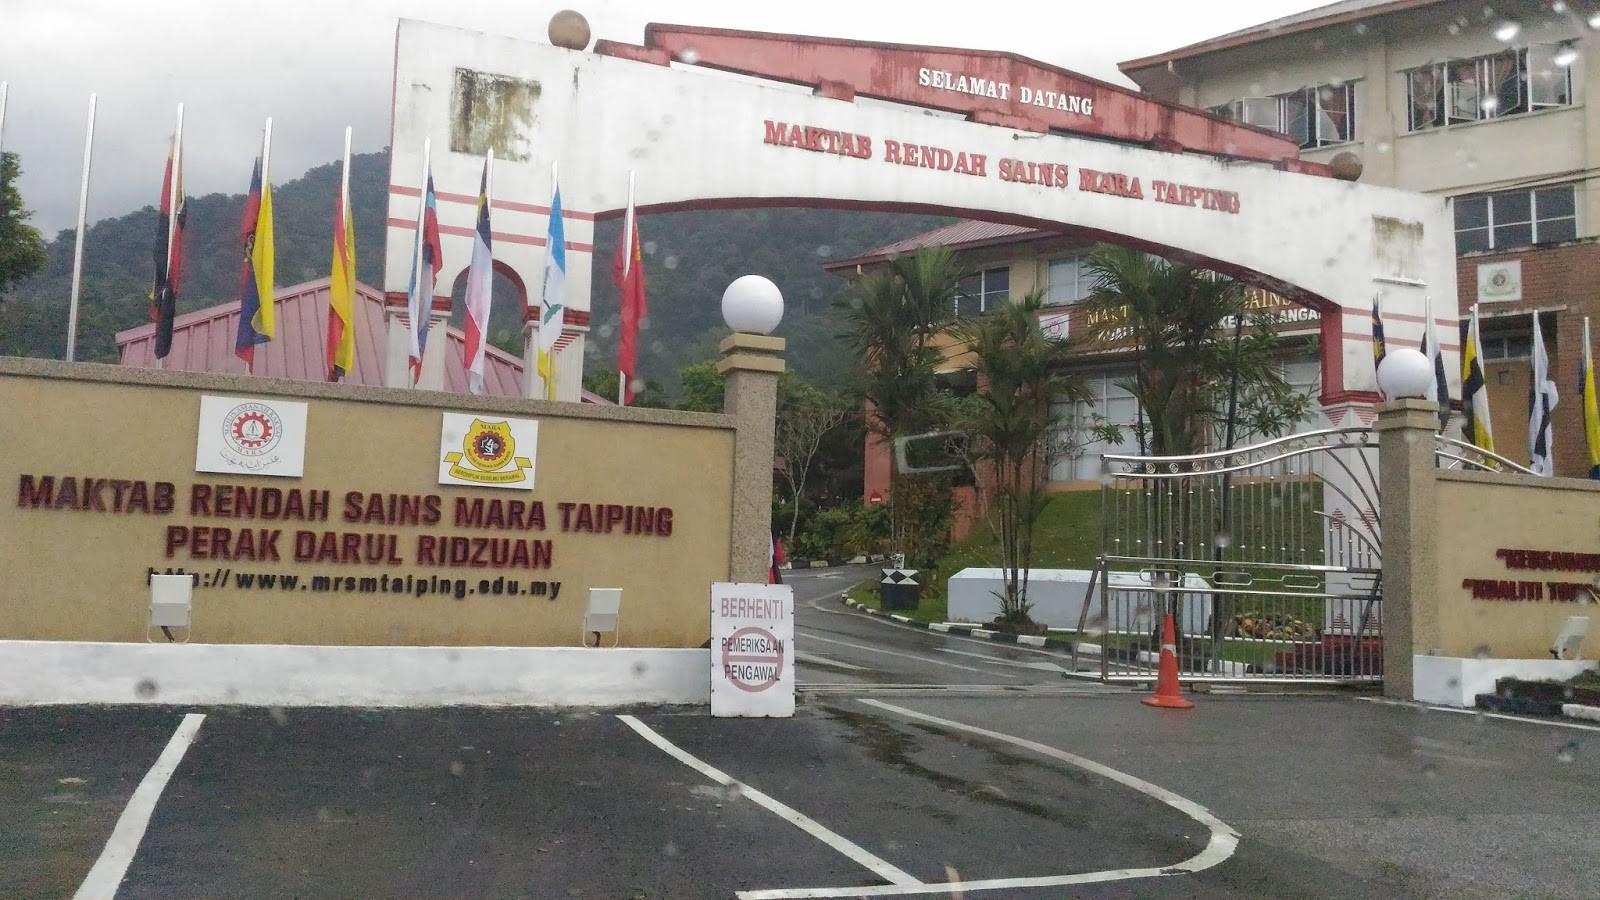 Maktab Rendah Sains Mara Mrsm Taiping Linkedin